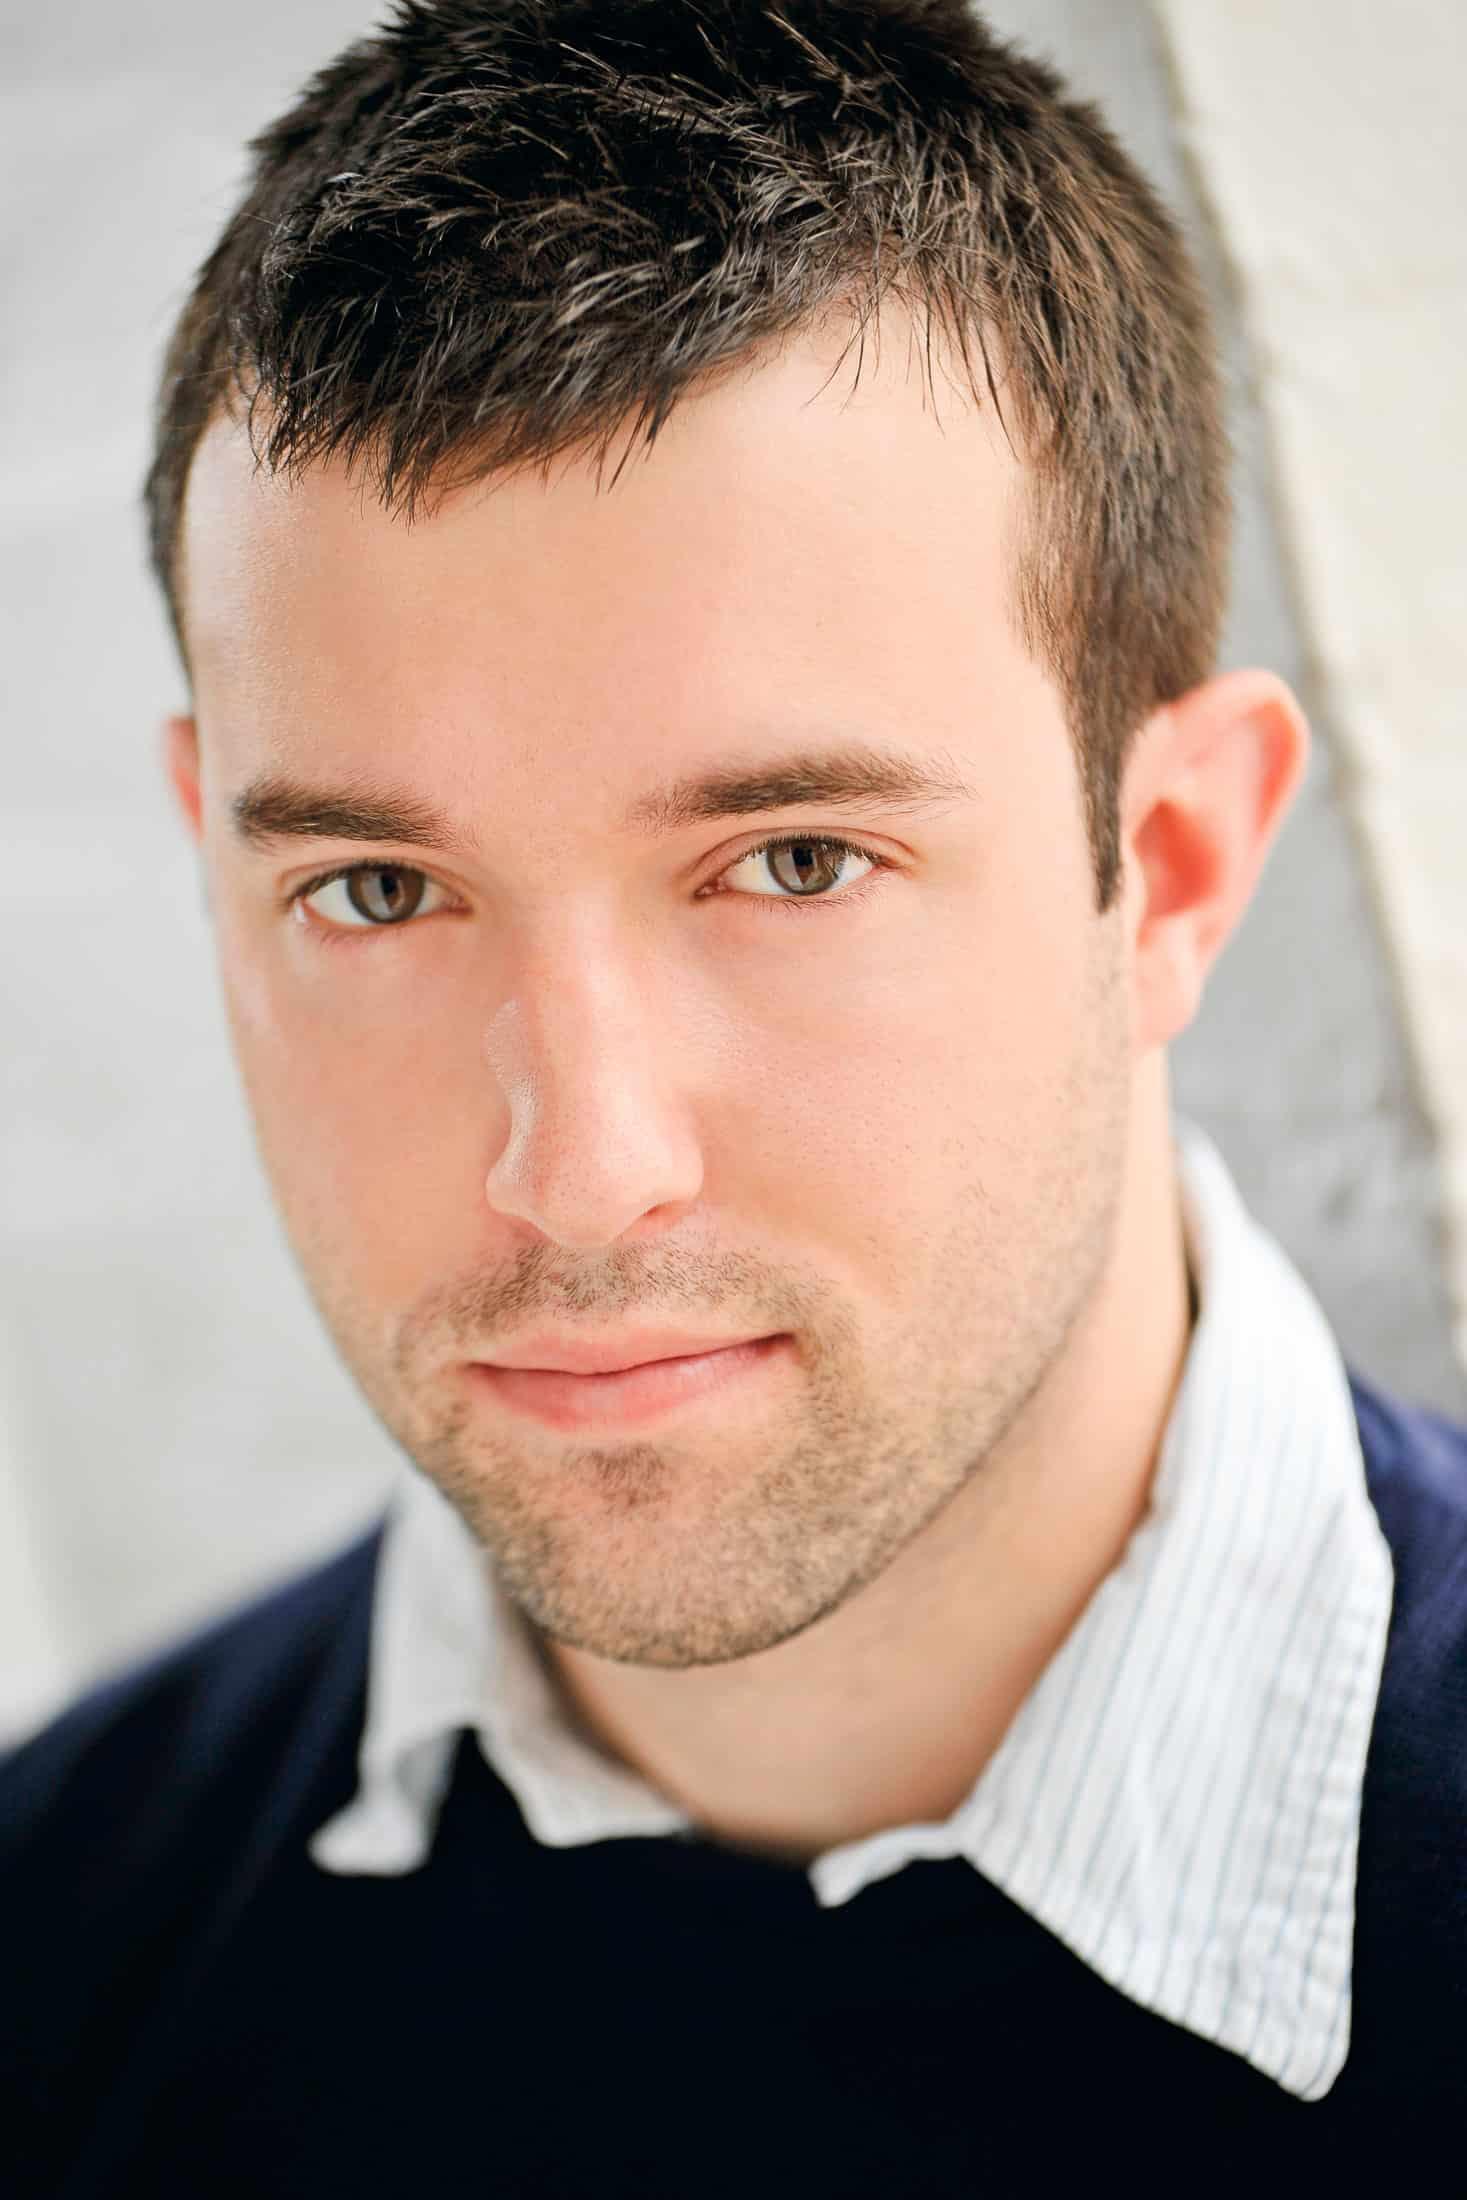 Headshots NYC - Actor Headshots Scott A